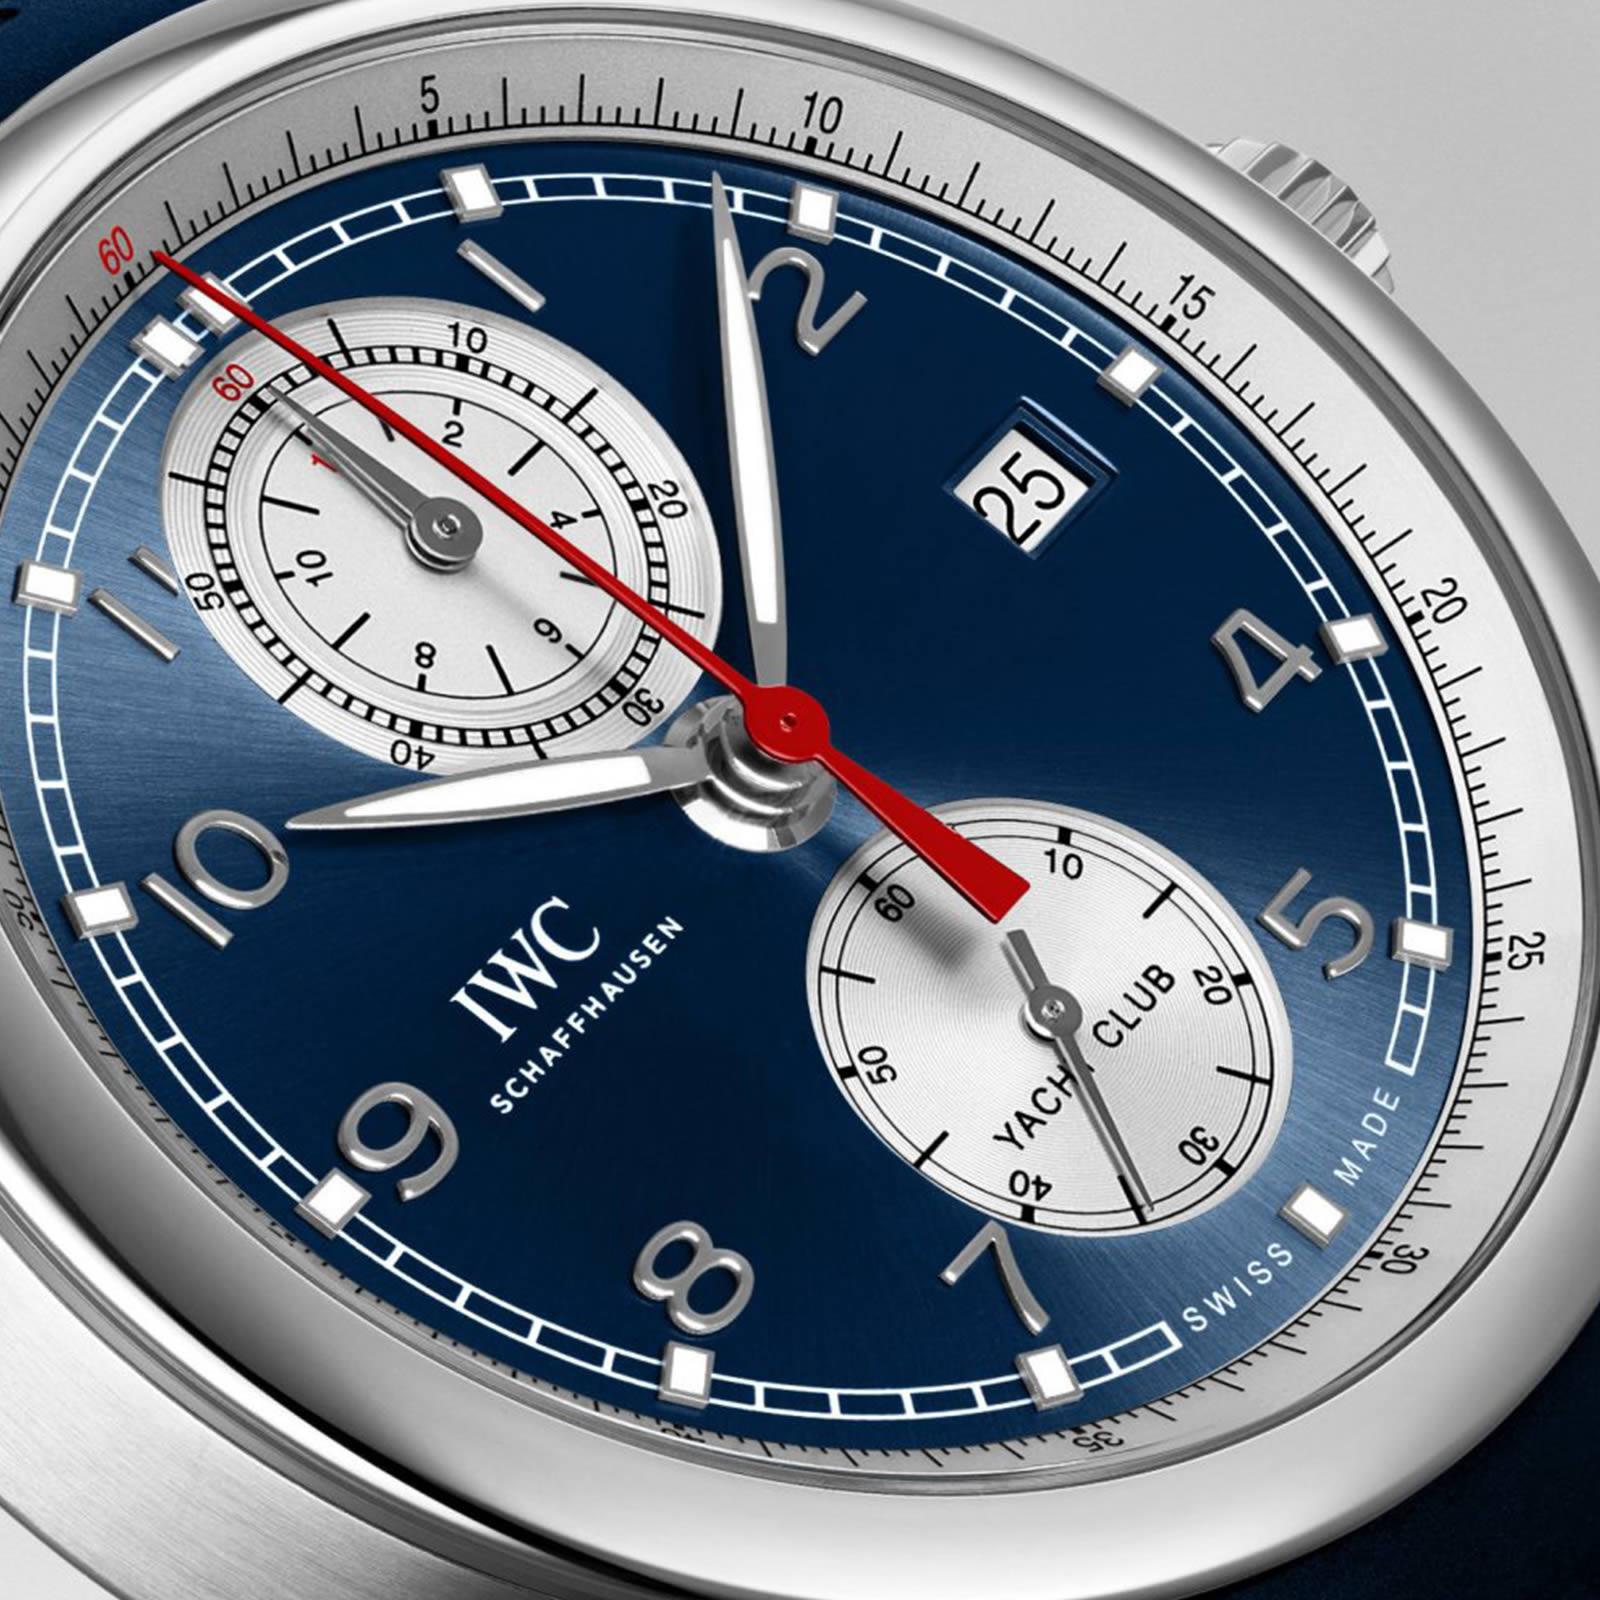 iw390507-iwc-portugieser-yacht-club-chronograph-summer-edition-8-.jpg